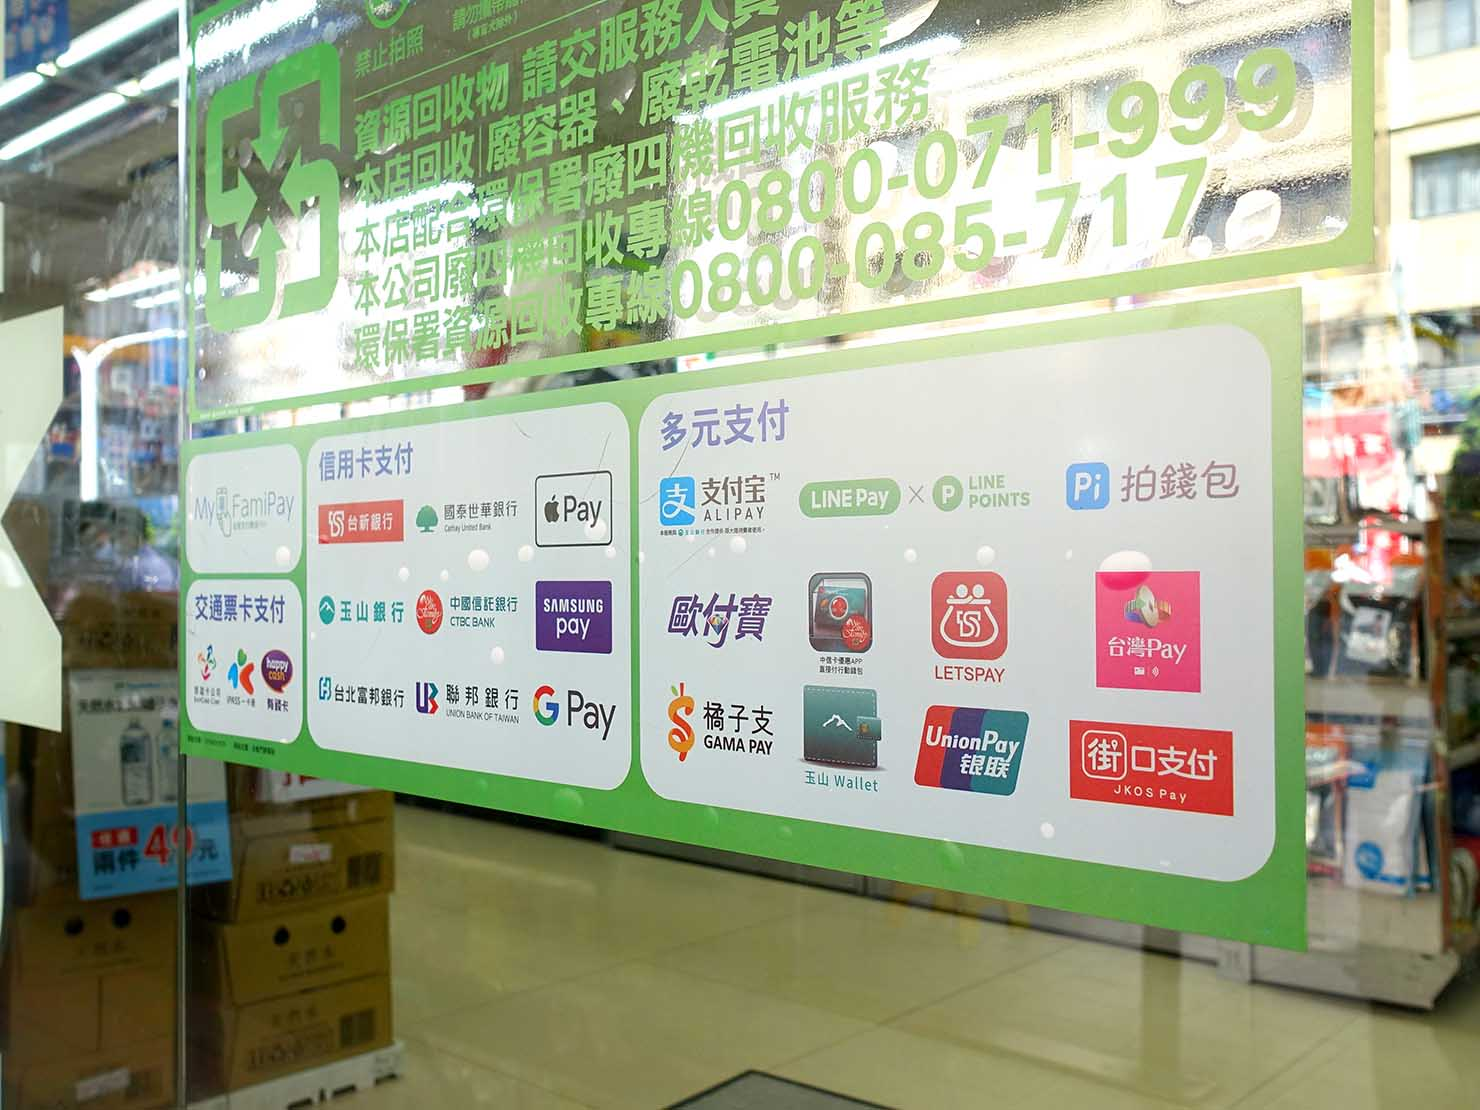 台湾のコンビニに貼られた利用可能なスマホ決済ツール一覧